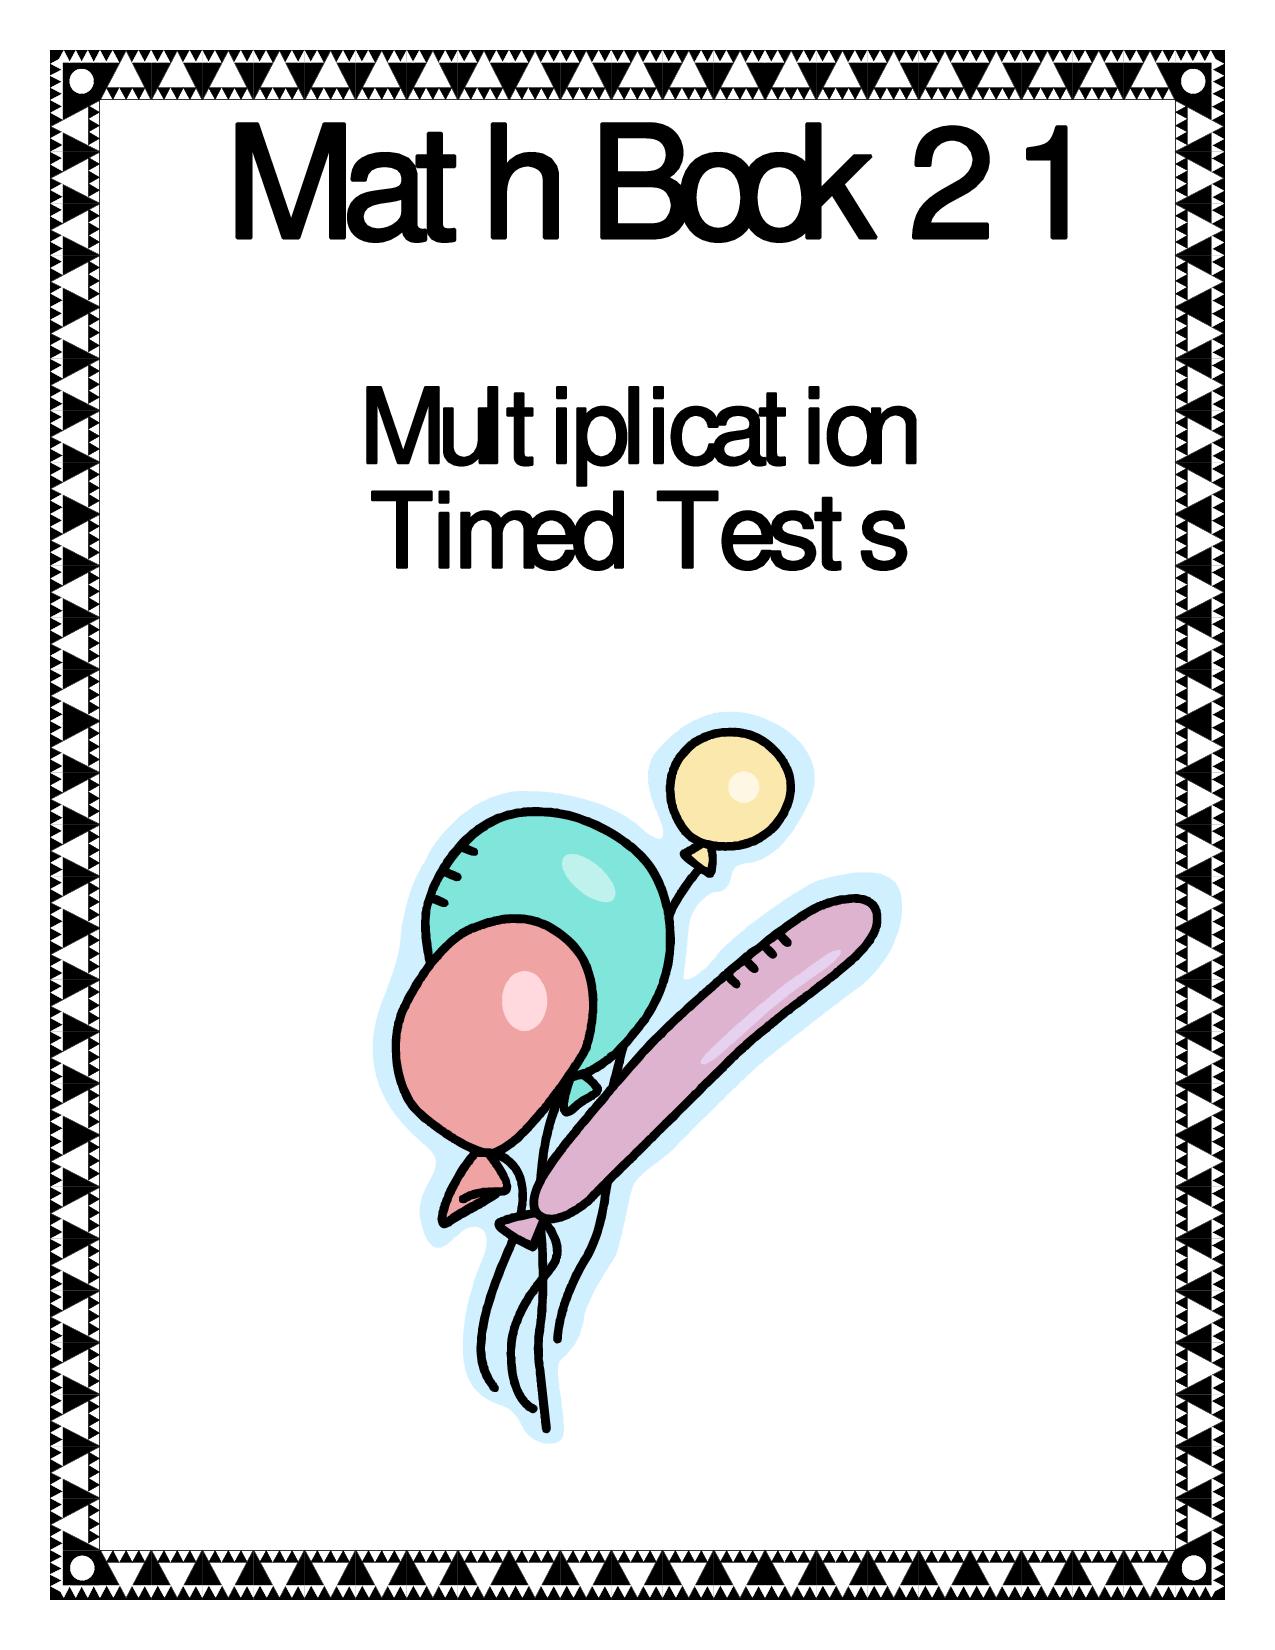 2 Minute Timed Multiplication Worksheets Best Kids